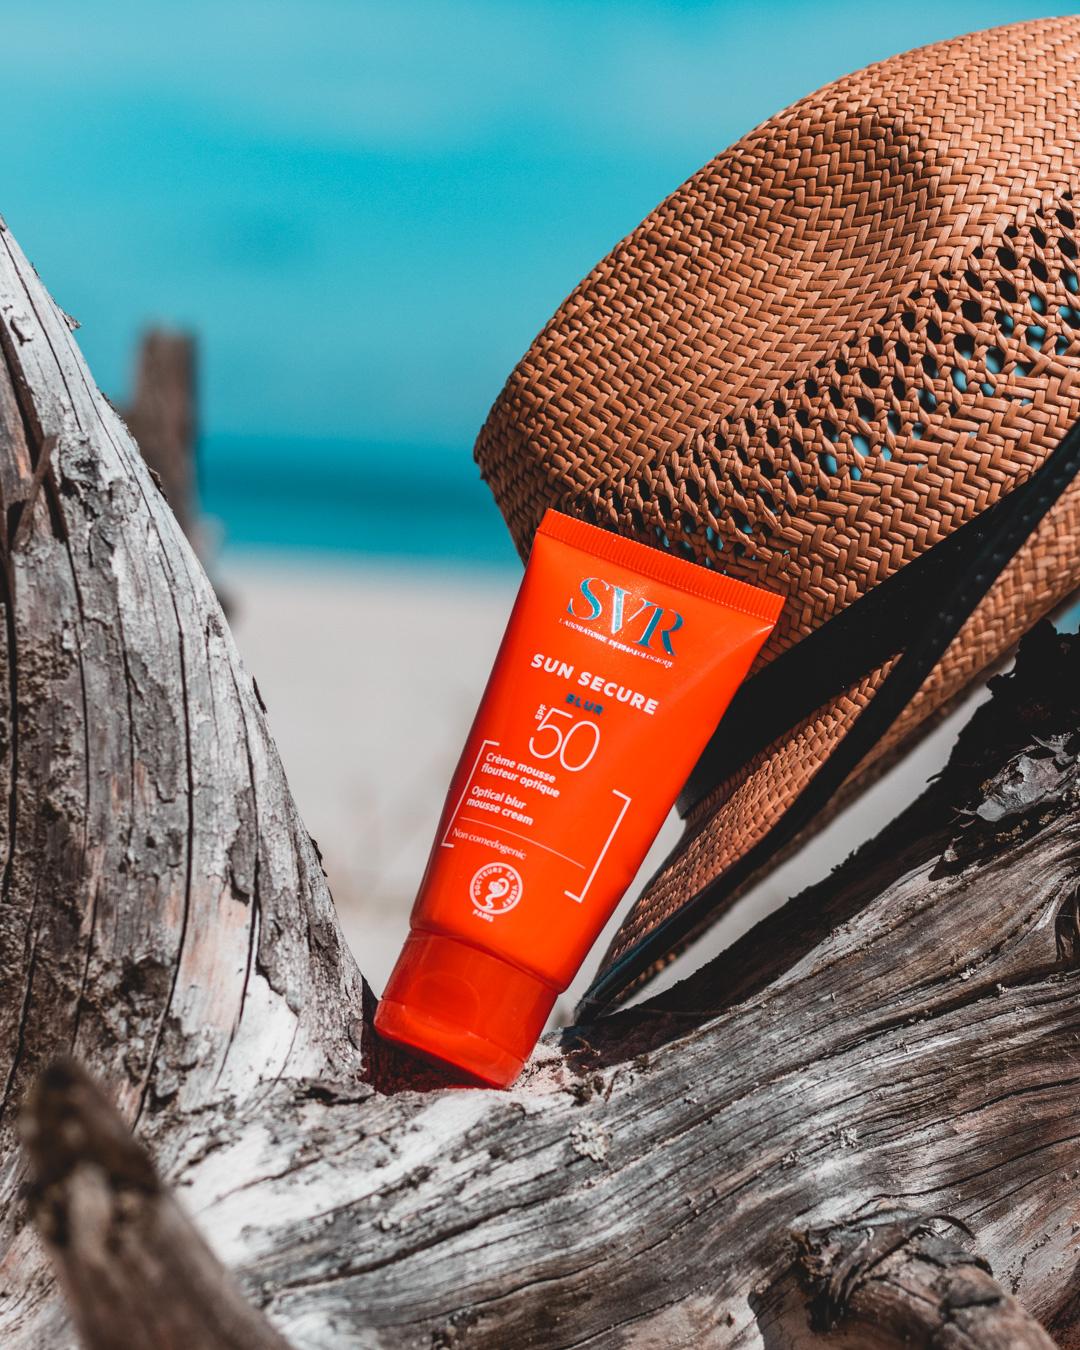 SVR Sun Secure - filtry przeciwsłoneczne do twarzy Creme SPF50+, Fluide SPF50+, Blur SPF50+